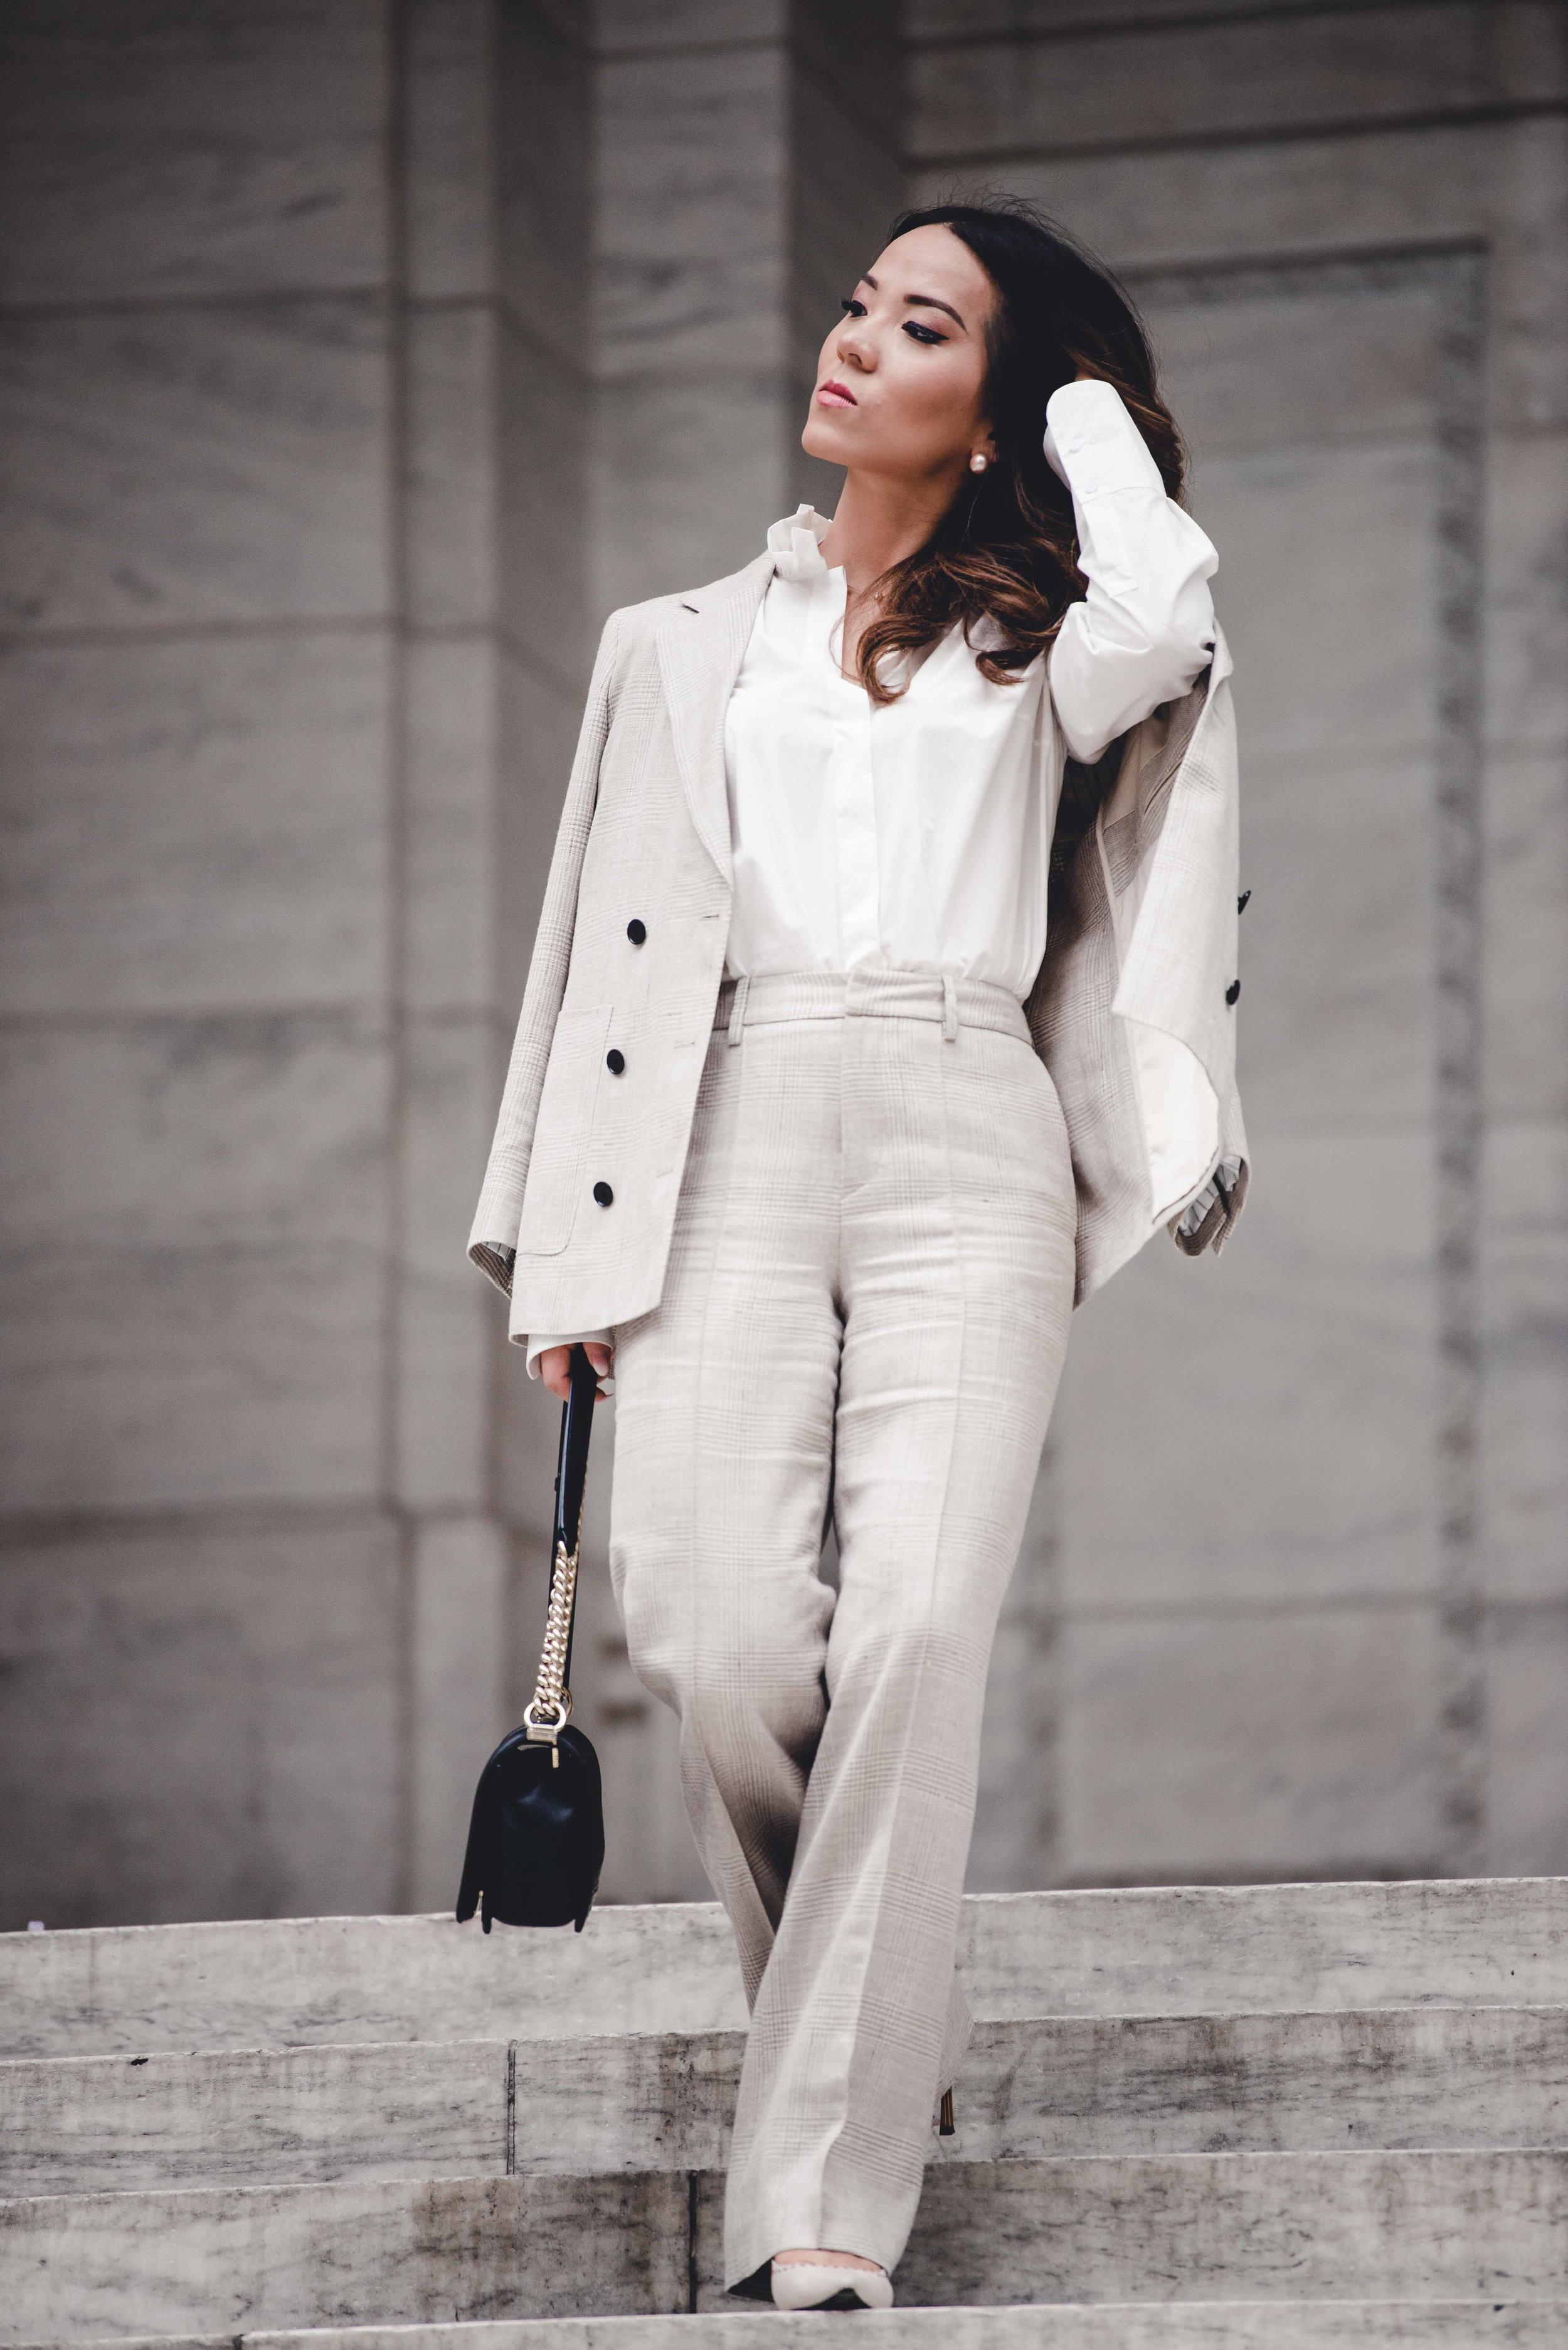 Suistudio-beige-color-suit-set-3.jpg